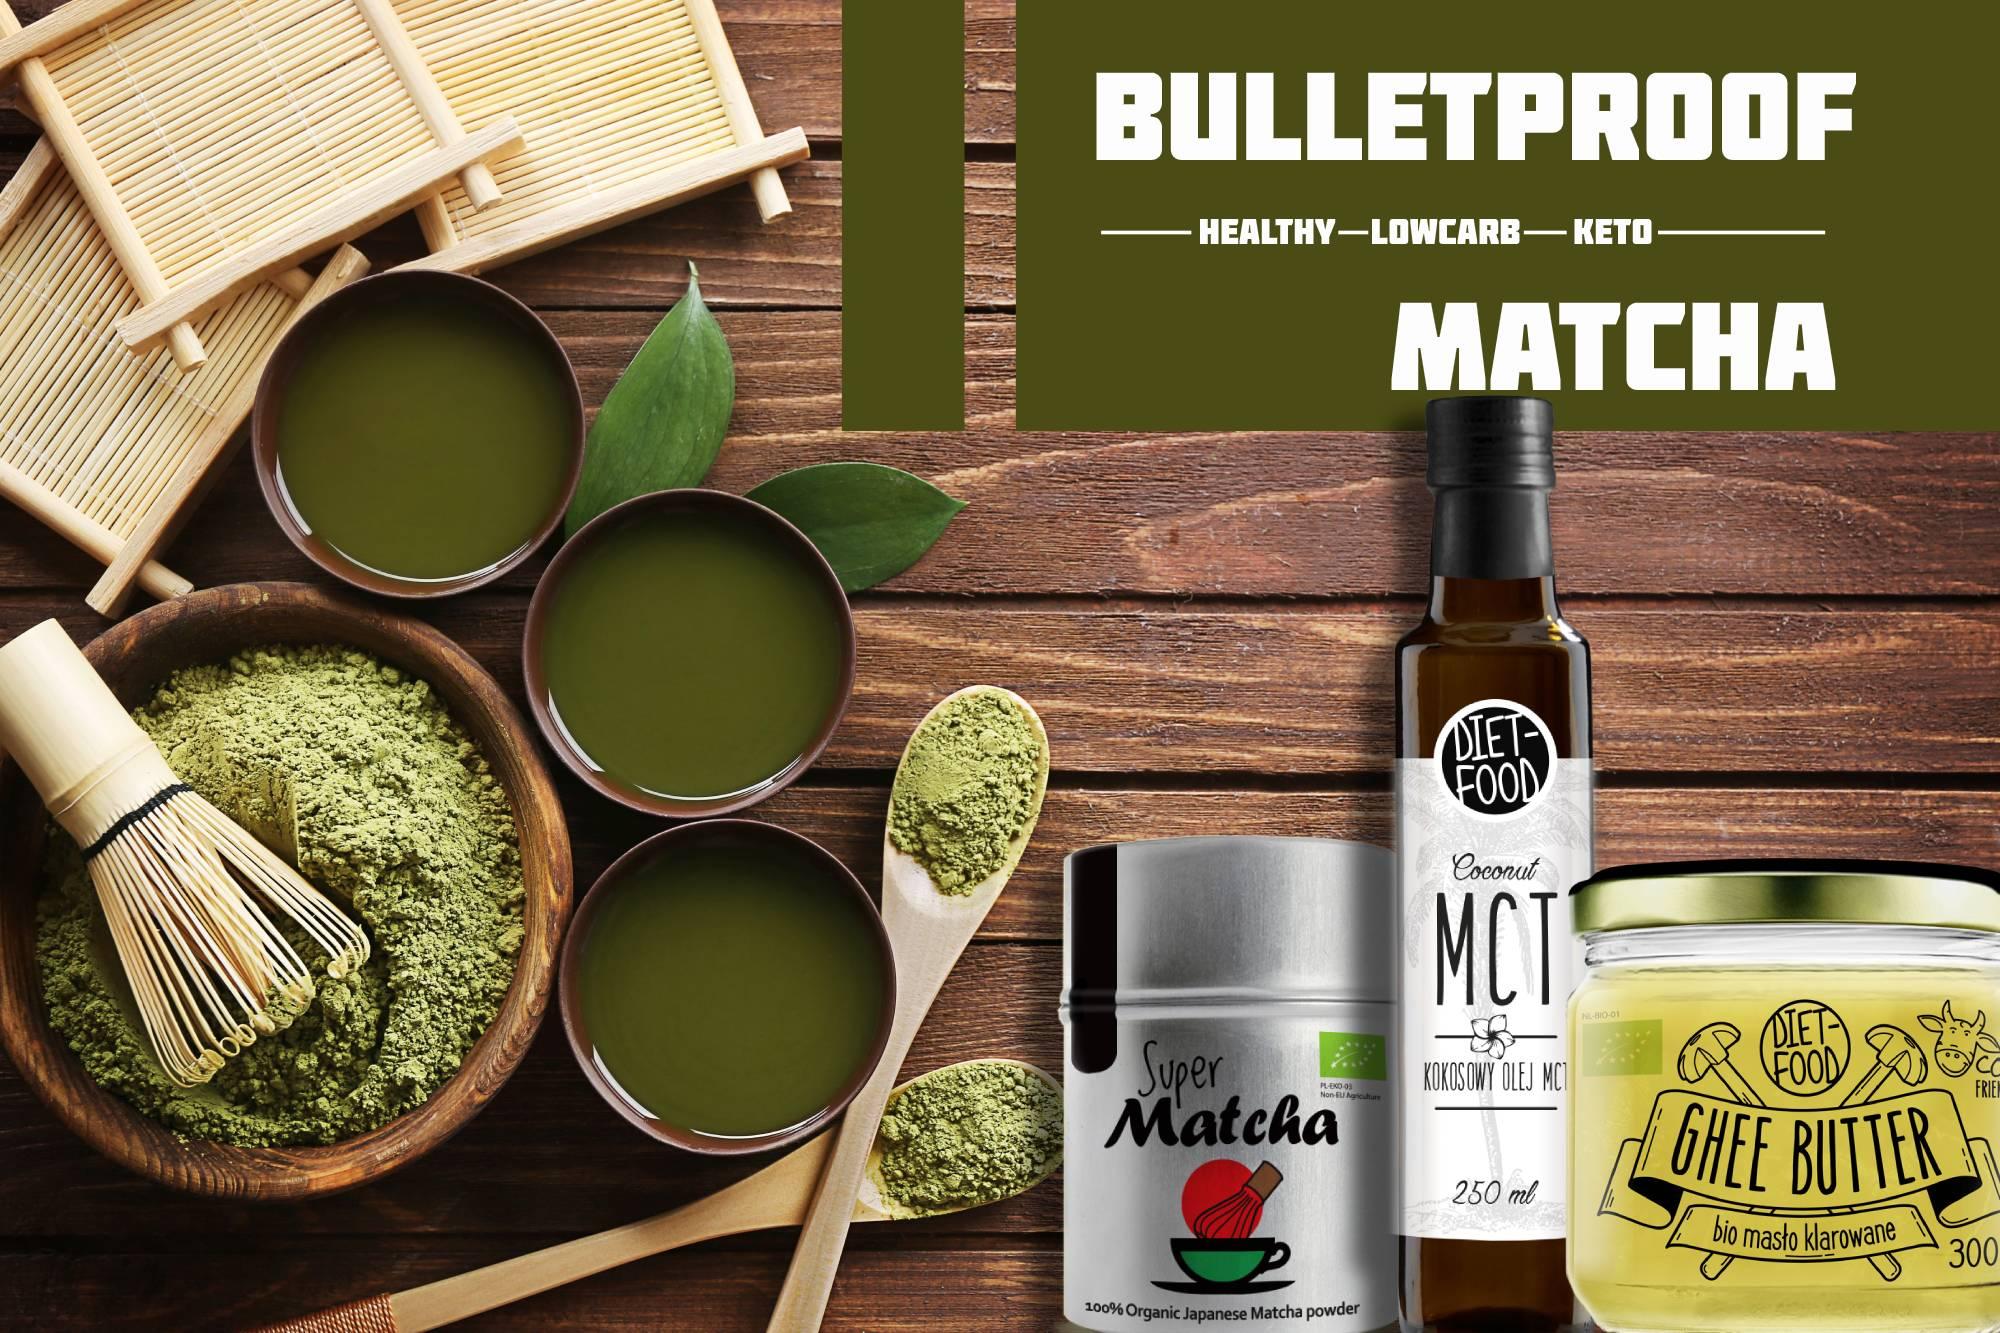 Bulletproof Matcha